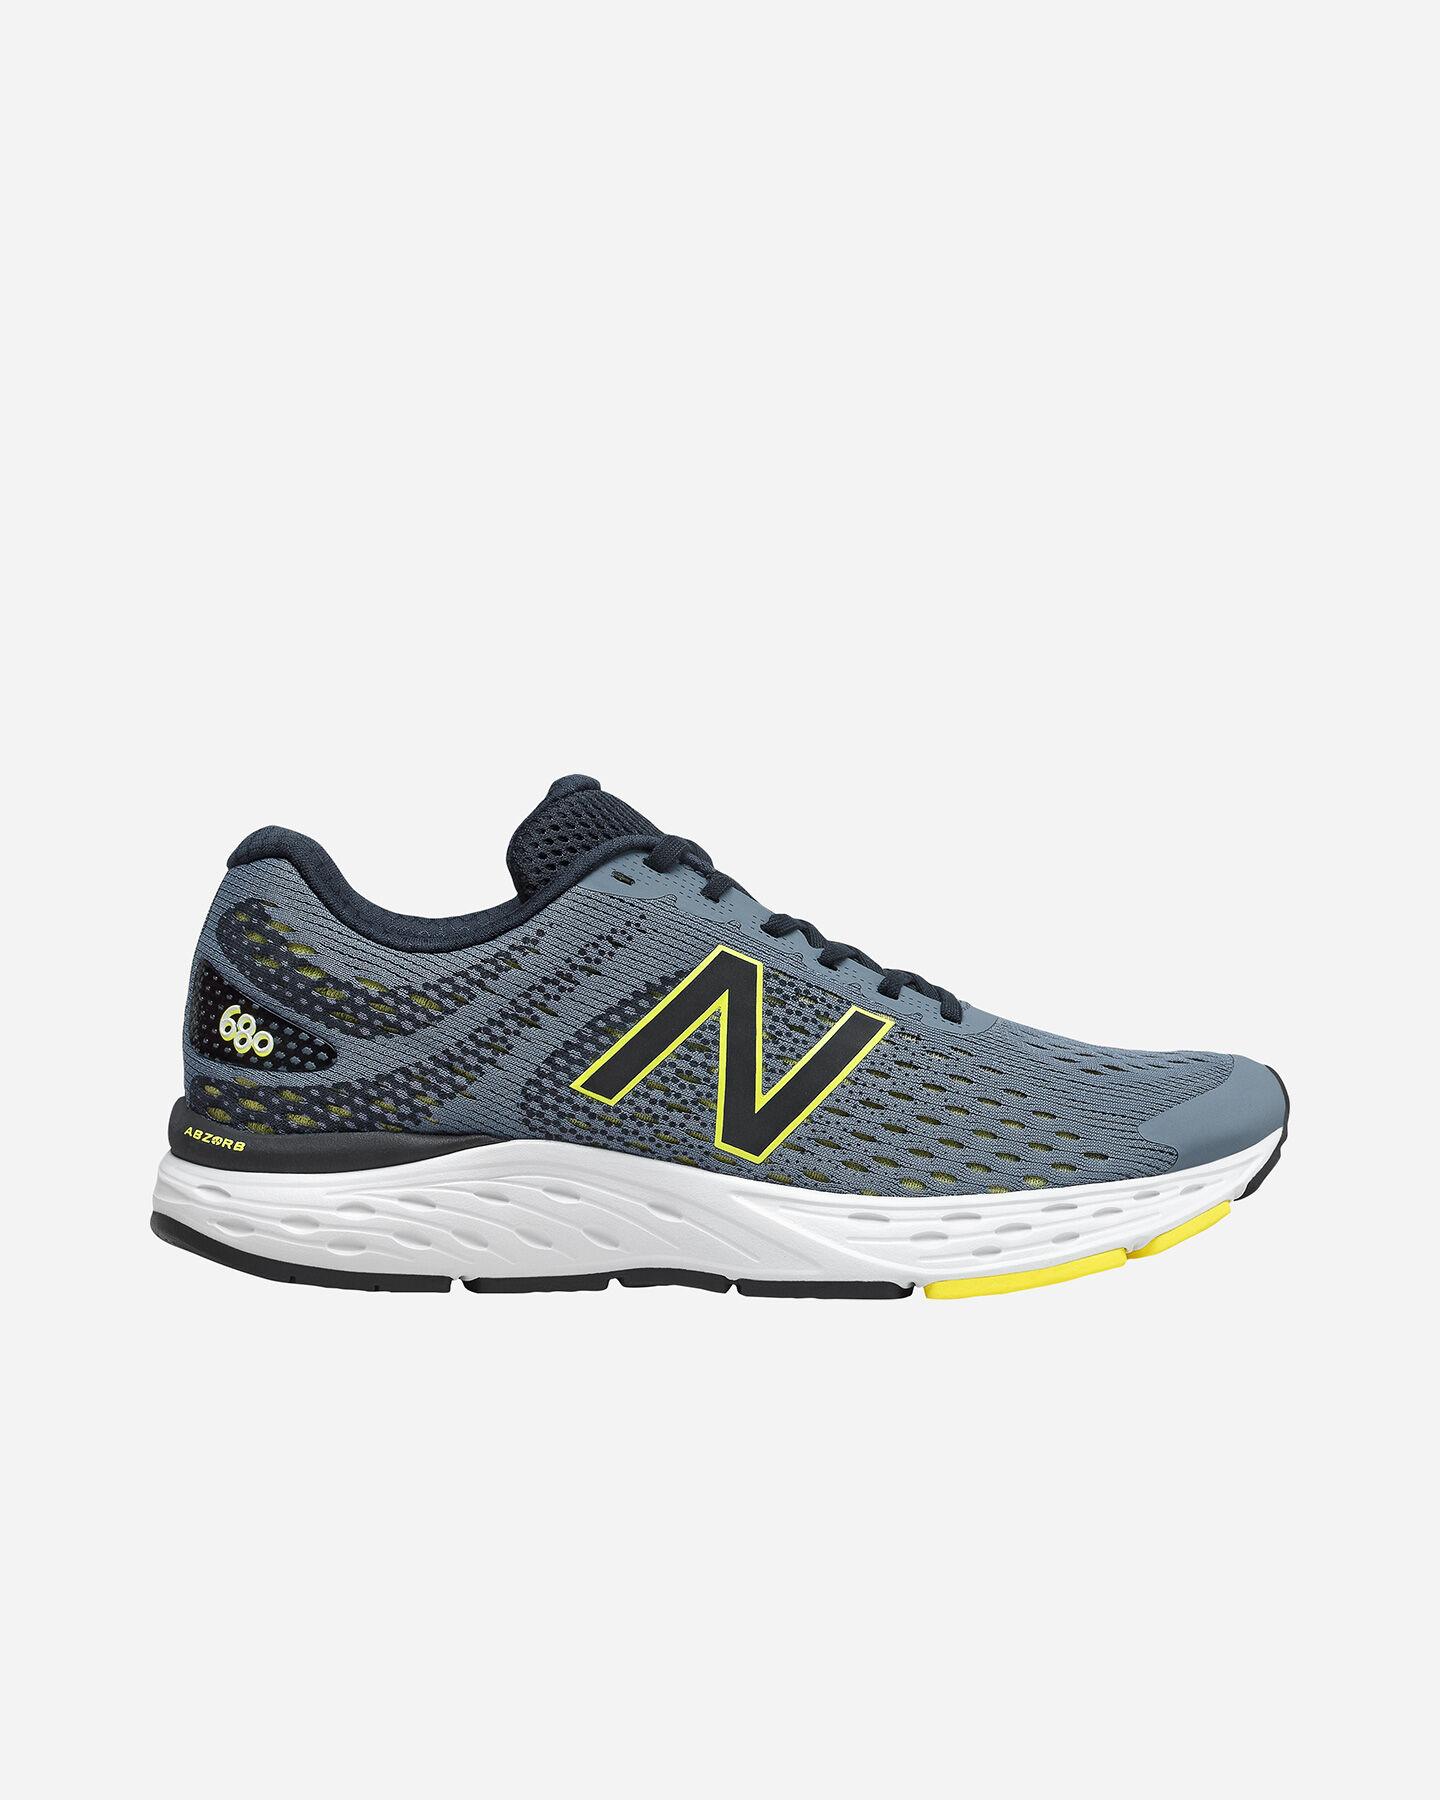 NEW BALANCE: sneakers, scarpe e abbigliamento fitness   Cisalfa Sport